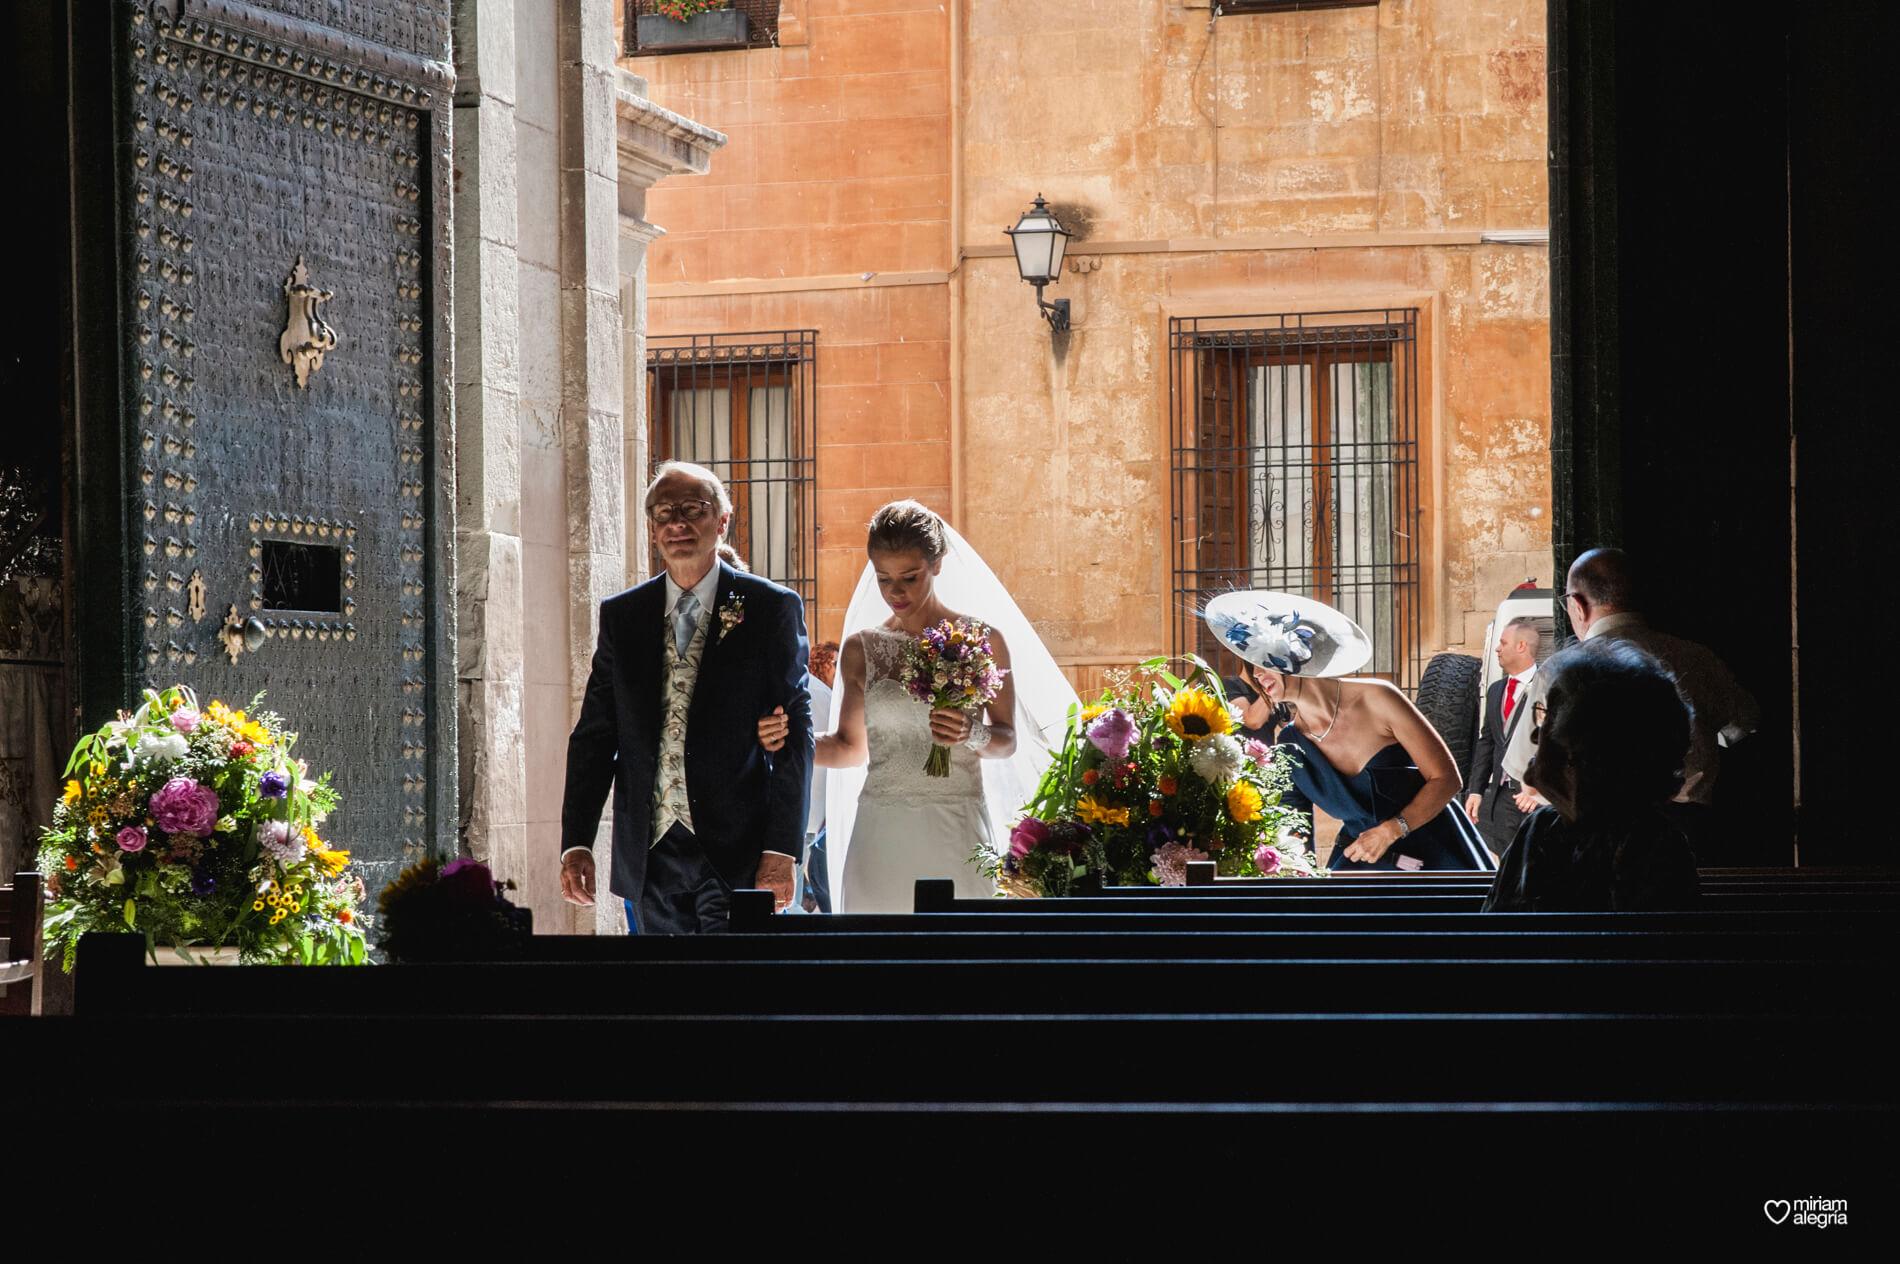 wedding-huerto-del-cura-elche-miriam-alegria-fotografos-boda-207